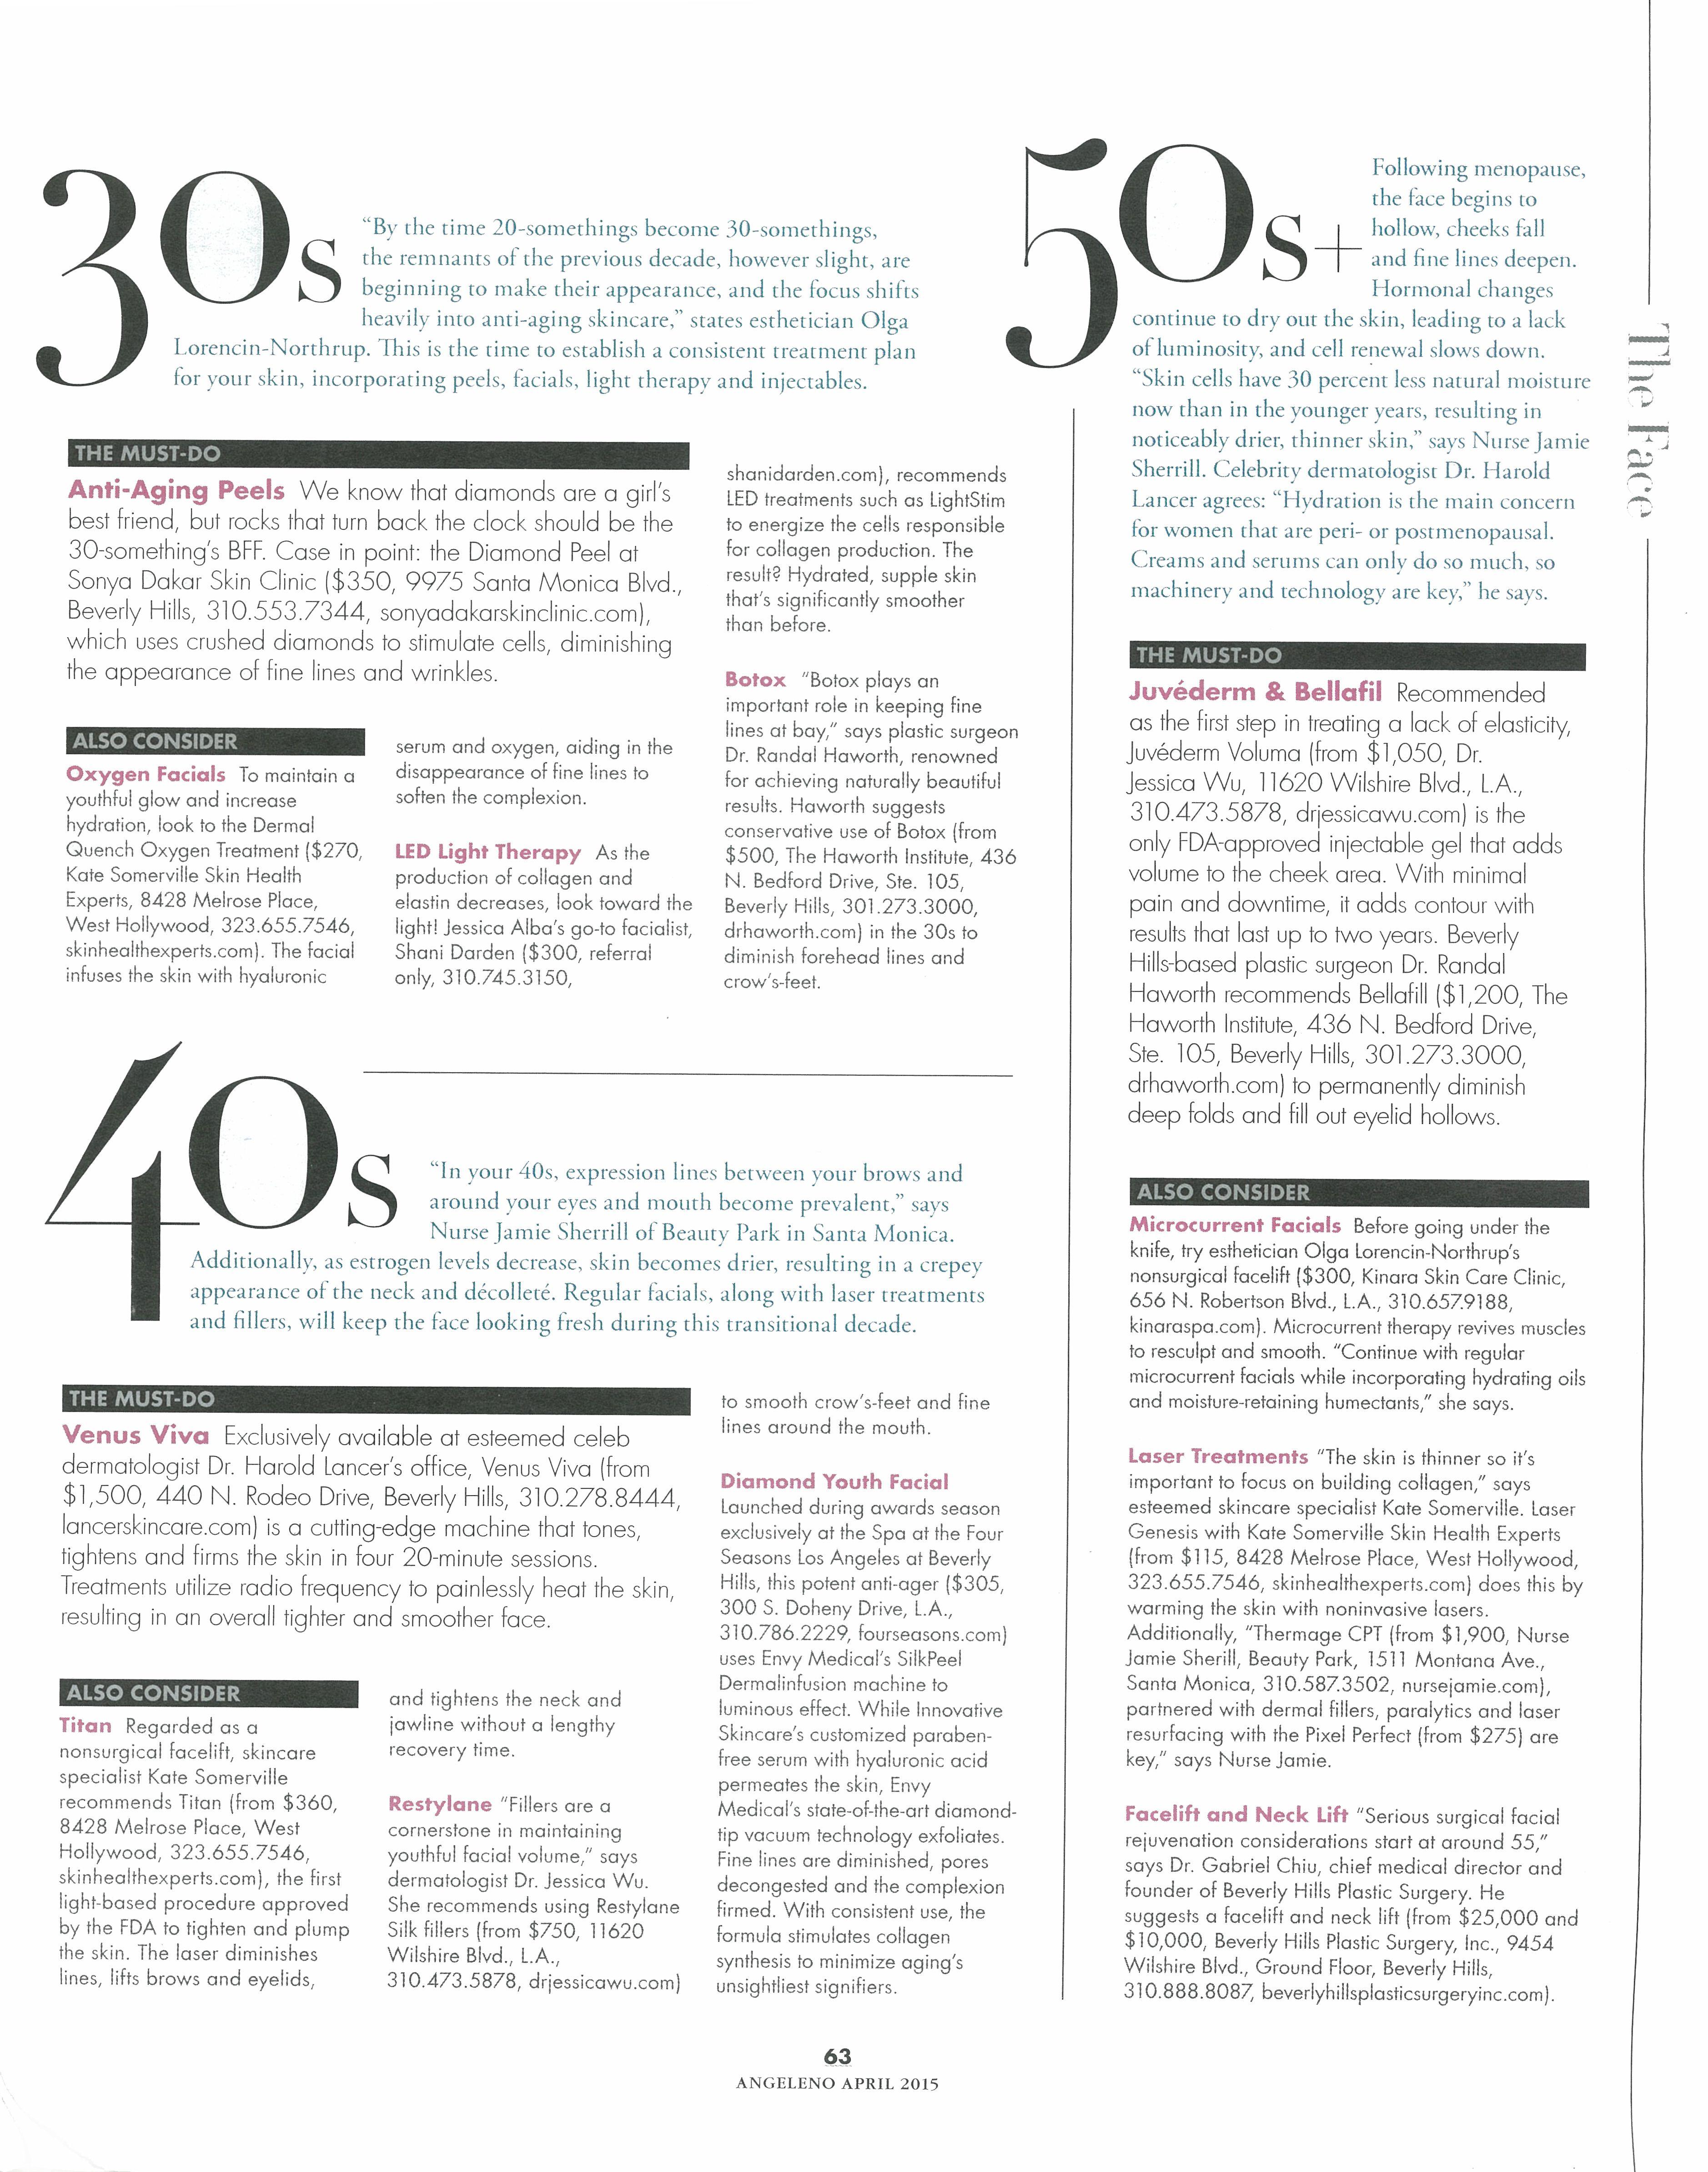 Angeleno Magazine- April 2015 | LightStim In the Press in